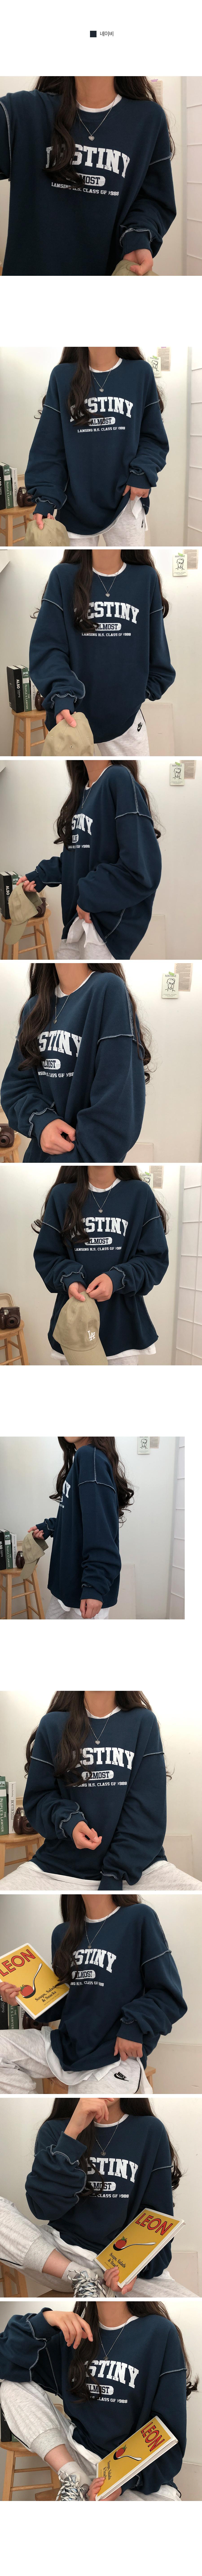 デスティニーステッチスウェットシャツTシャツ